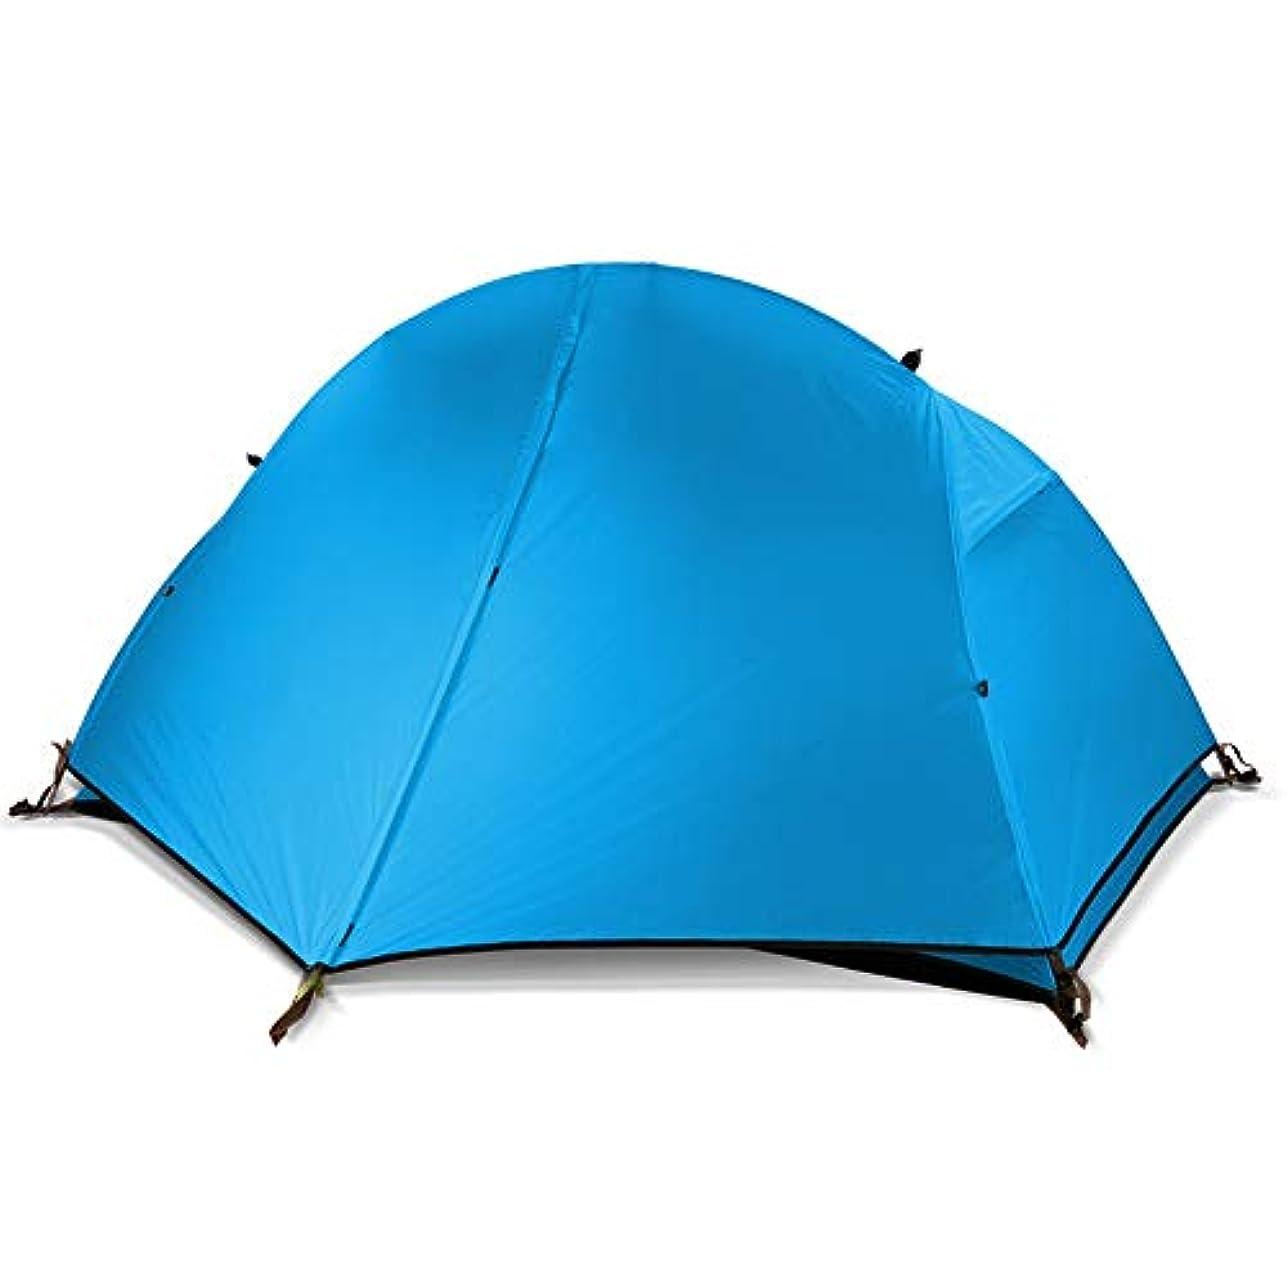 管理する反逆チューインガム軽量一人屋外テントキャンプキャンプテント (Color : E ブルー, Size : One Size)